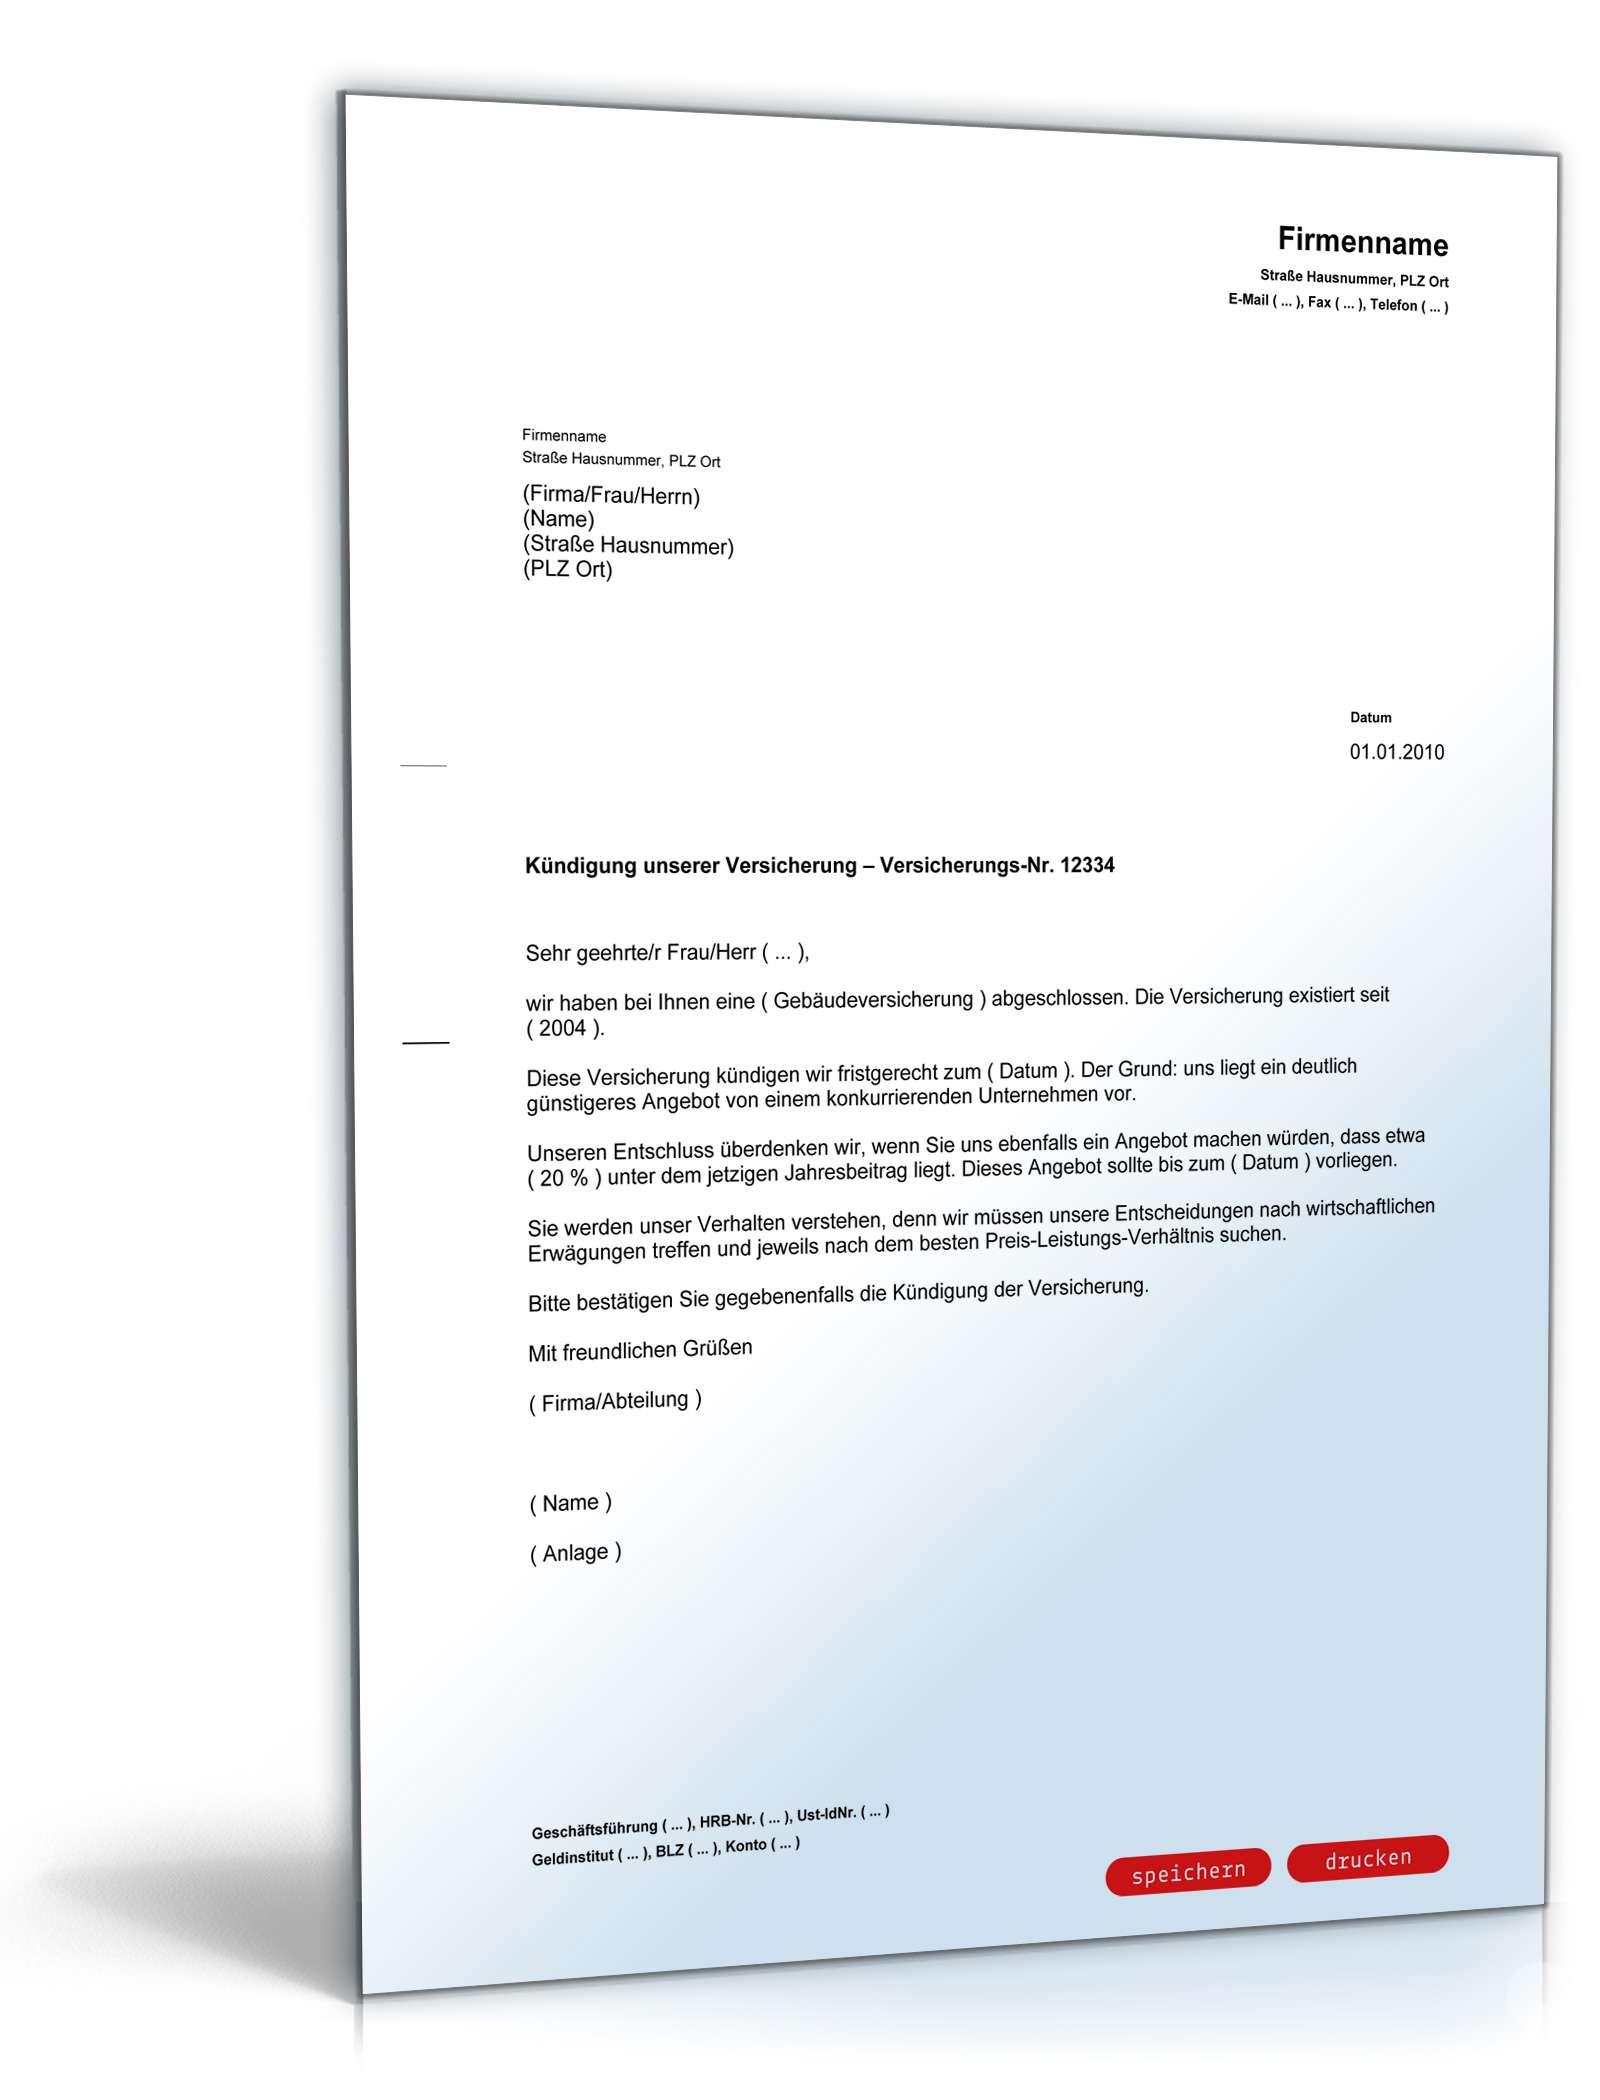 Kündigung Versicherung Vorlage Zum Download